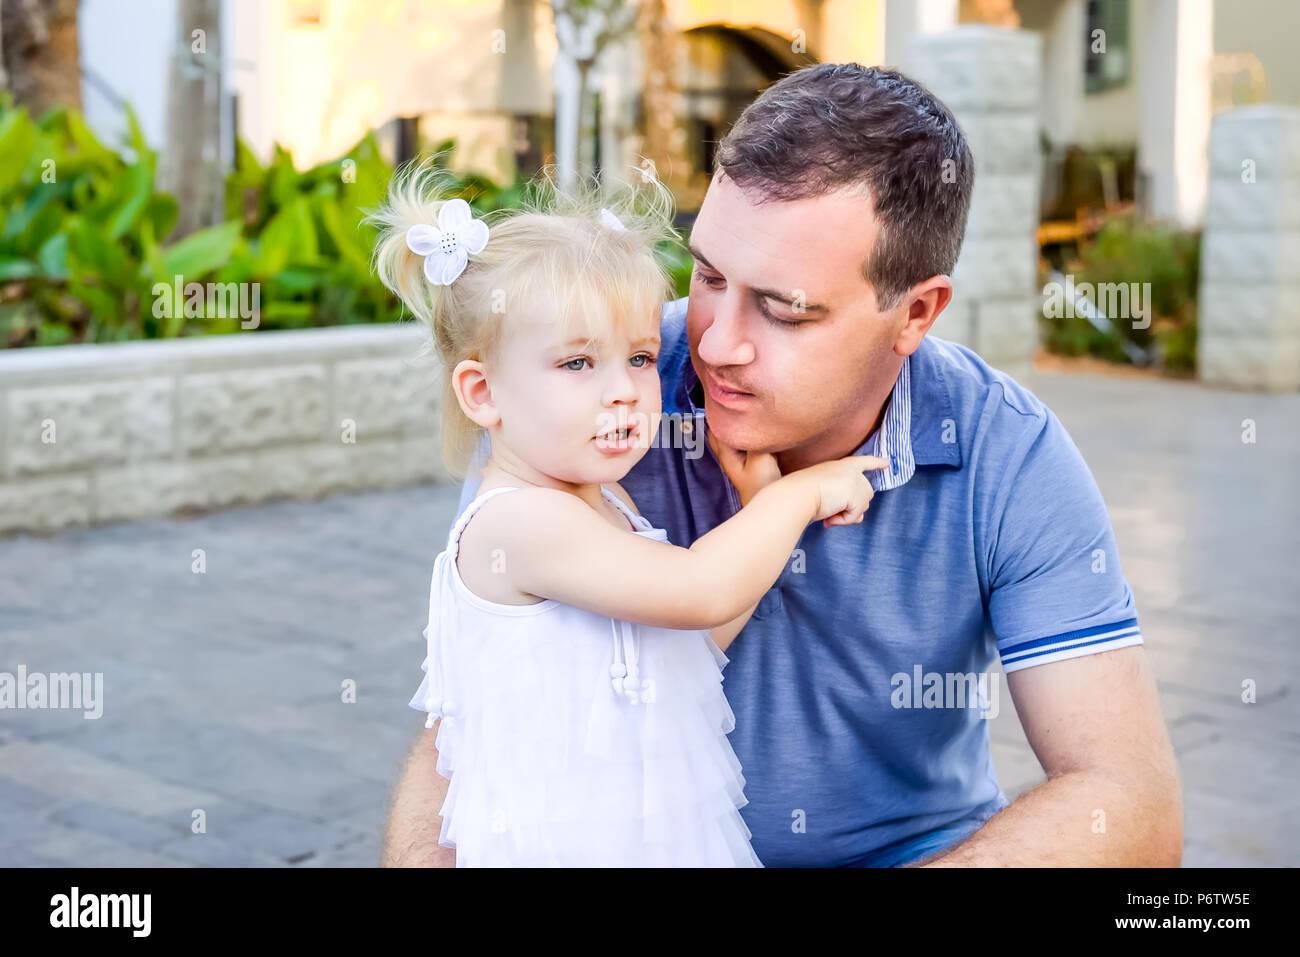 Ritratto di piccolo grazioso toddler blondy ragazza in abito bianco abbracciando il suo padre e raccontando qualcosa durante la passeggiata nel parco della città. Famiglia attiva le Immagini Stock